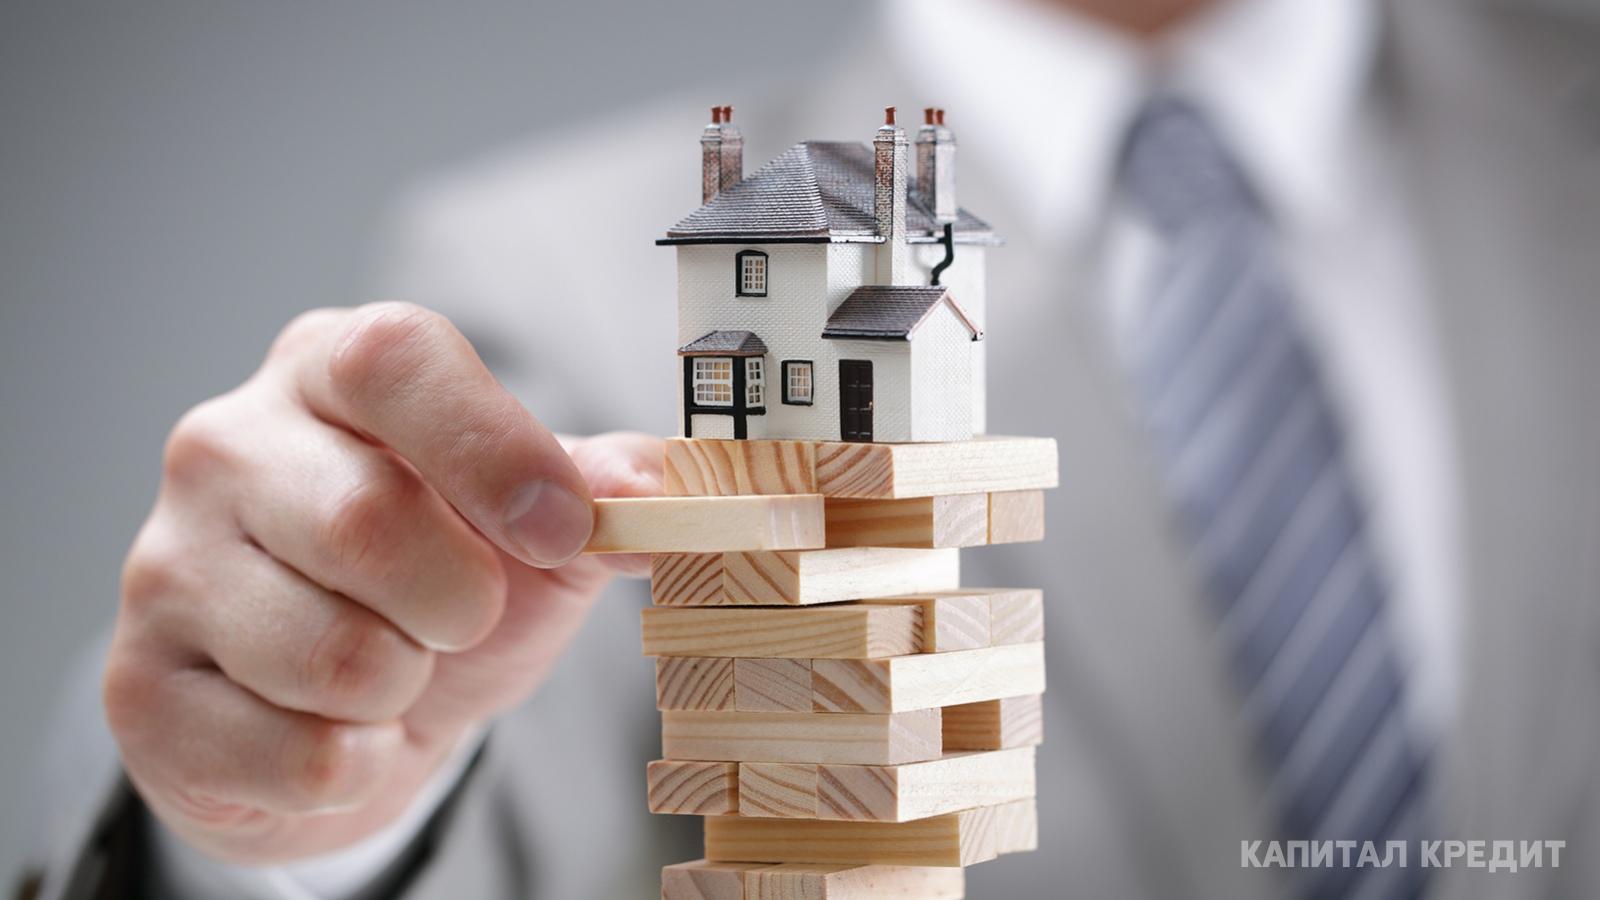 можно ли взять кредит под залог половины квартиры займы онлайн на яндекс деньги срочно